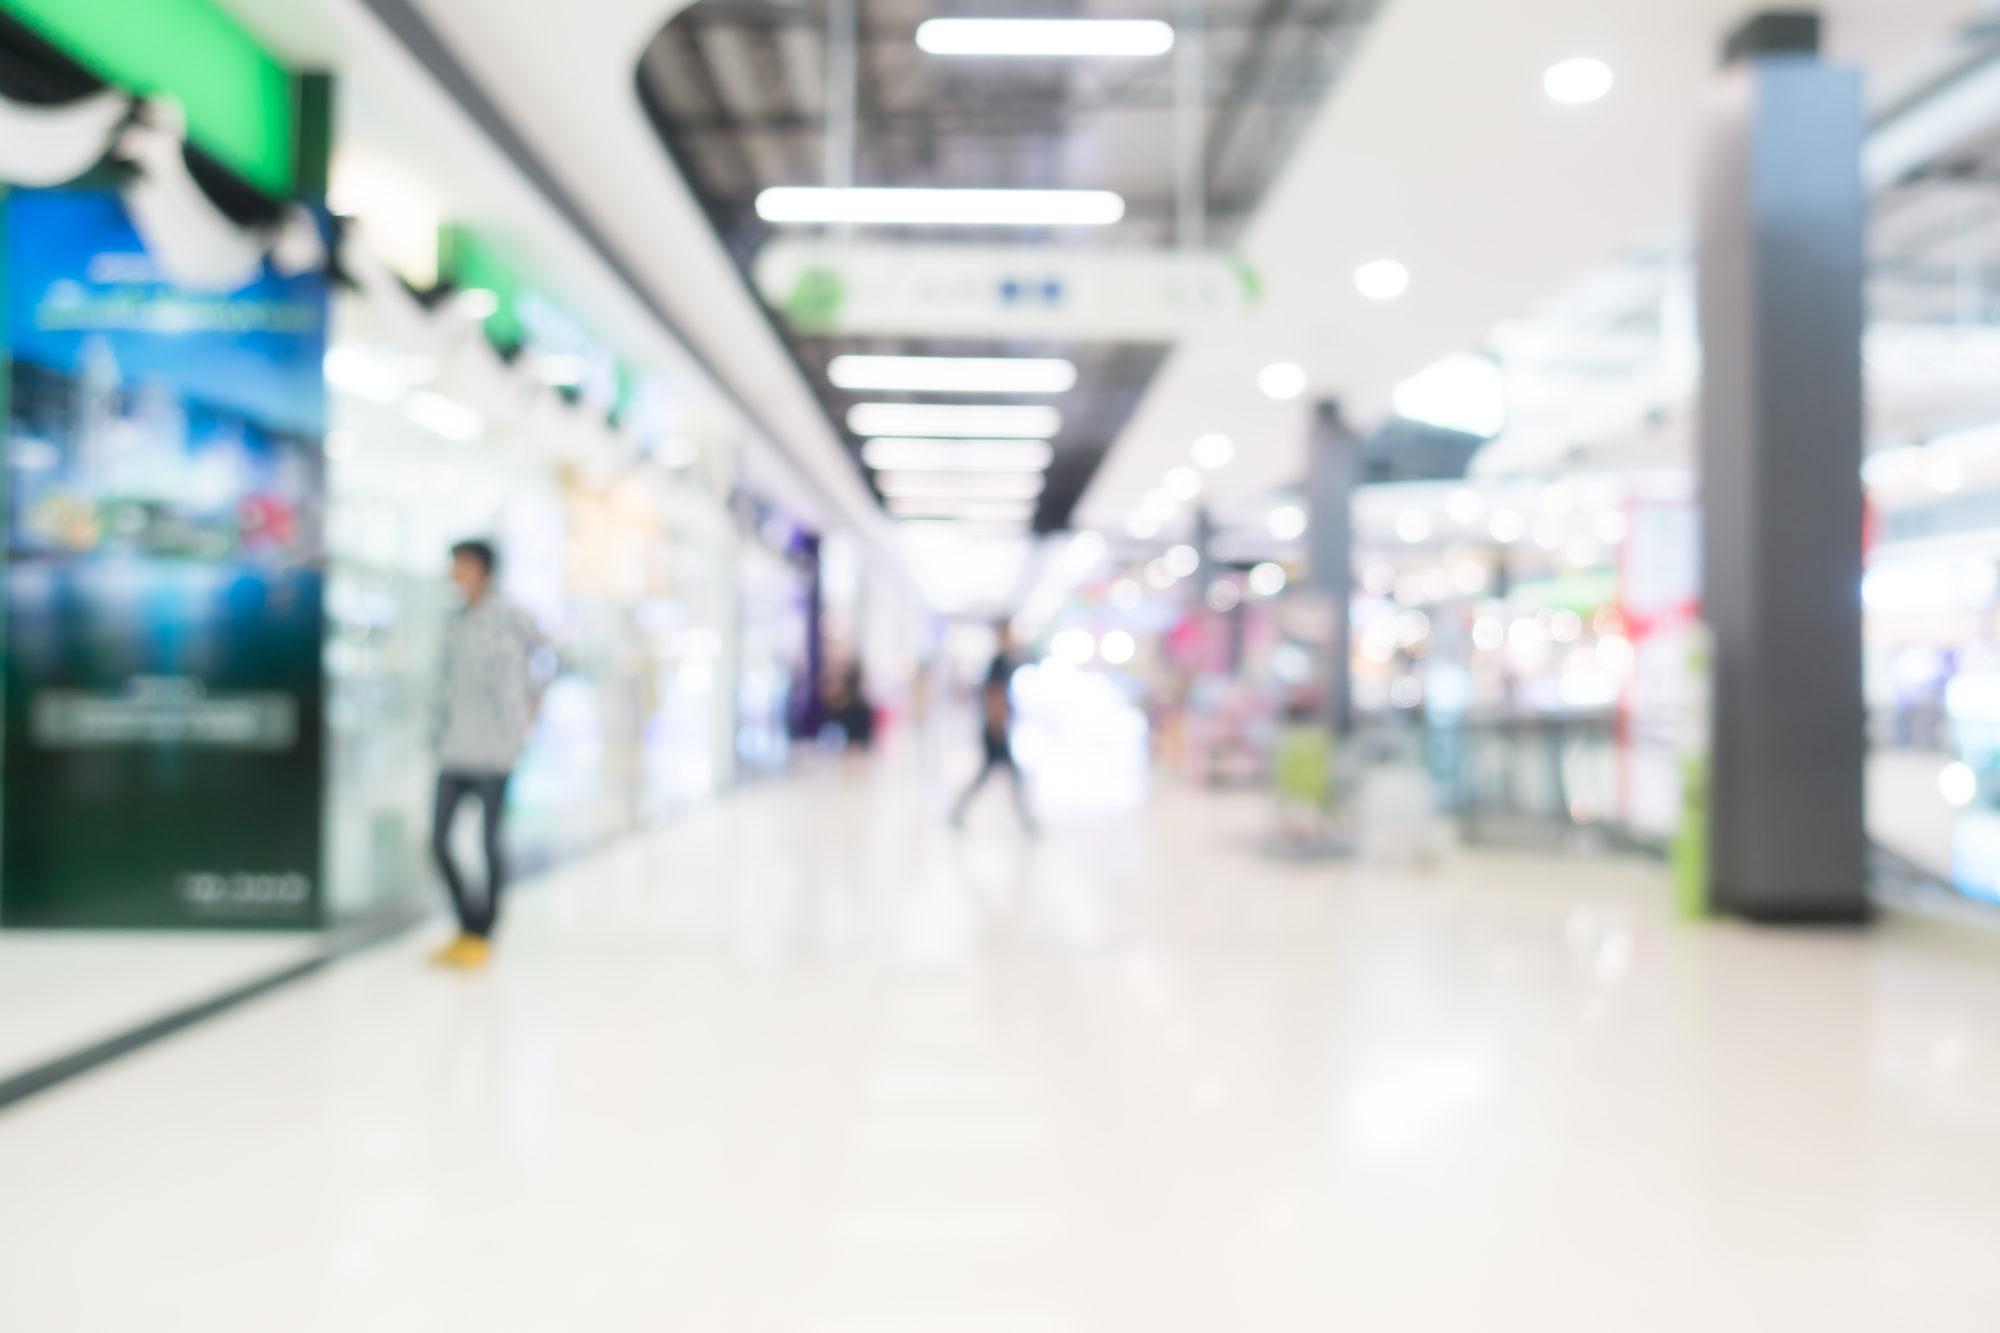 O avanço do varejo impulsiona o crescimento das seguradoras